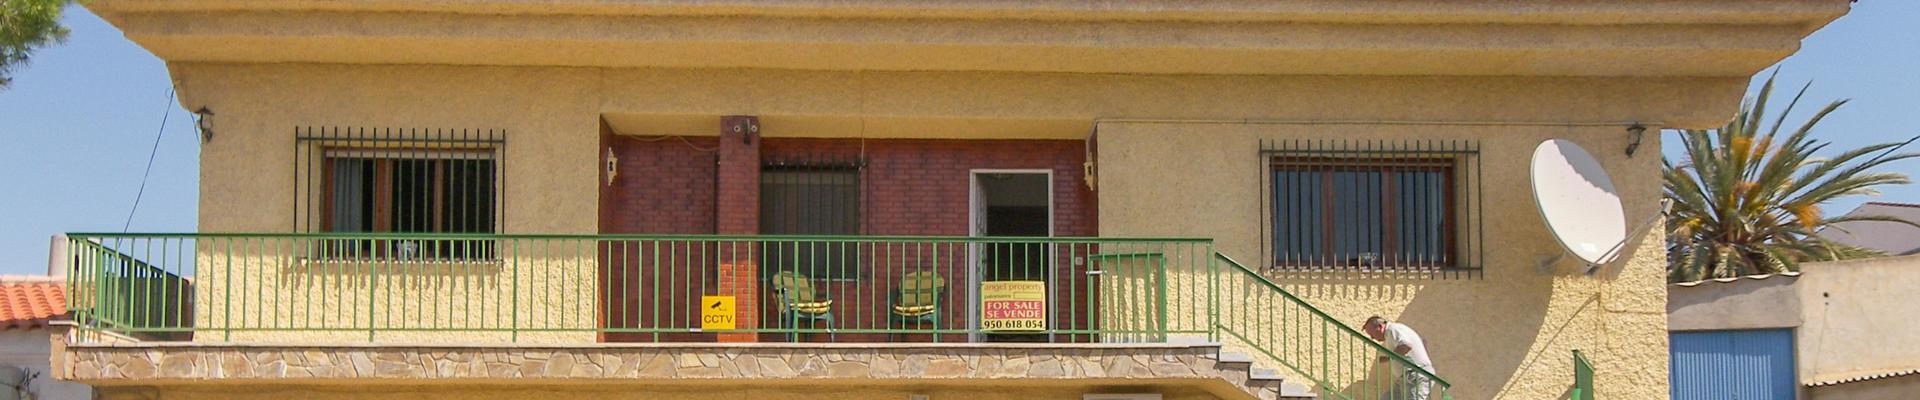 DV1270: 11 Bedroom Villa for Sale